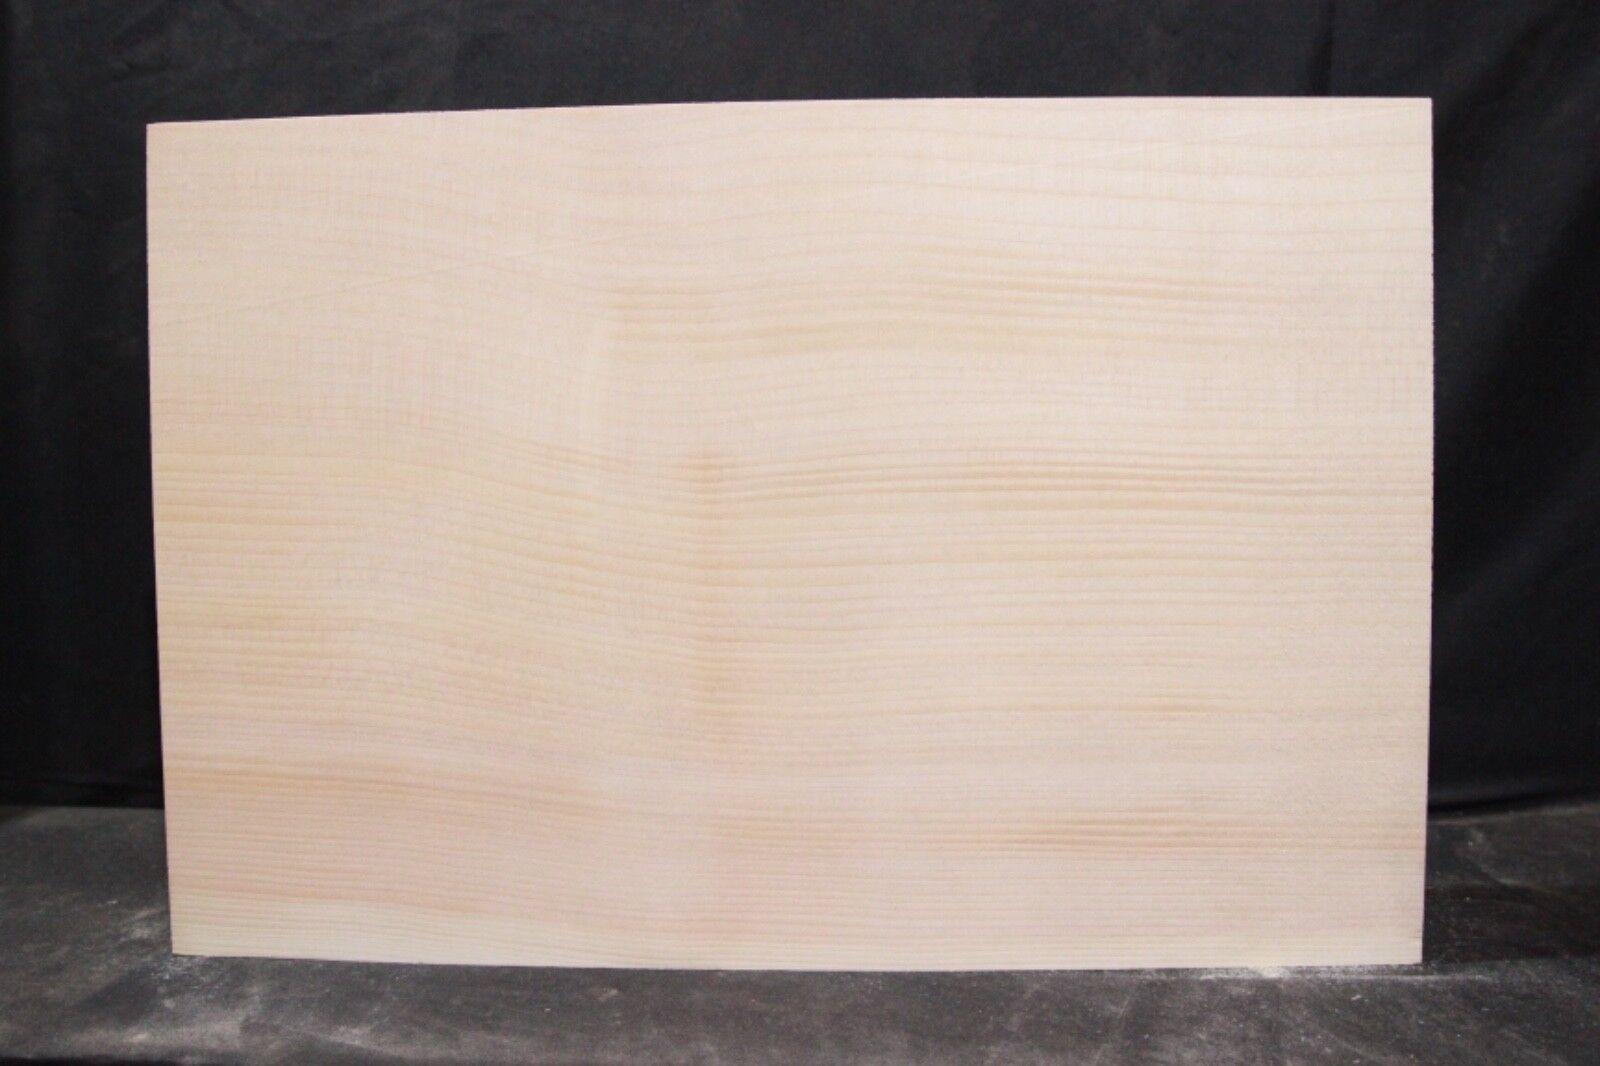 Spruce 1-piece guitar body blank      2041